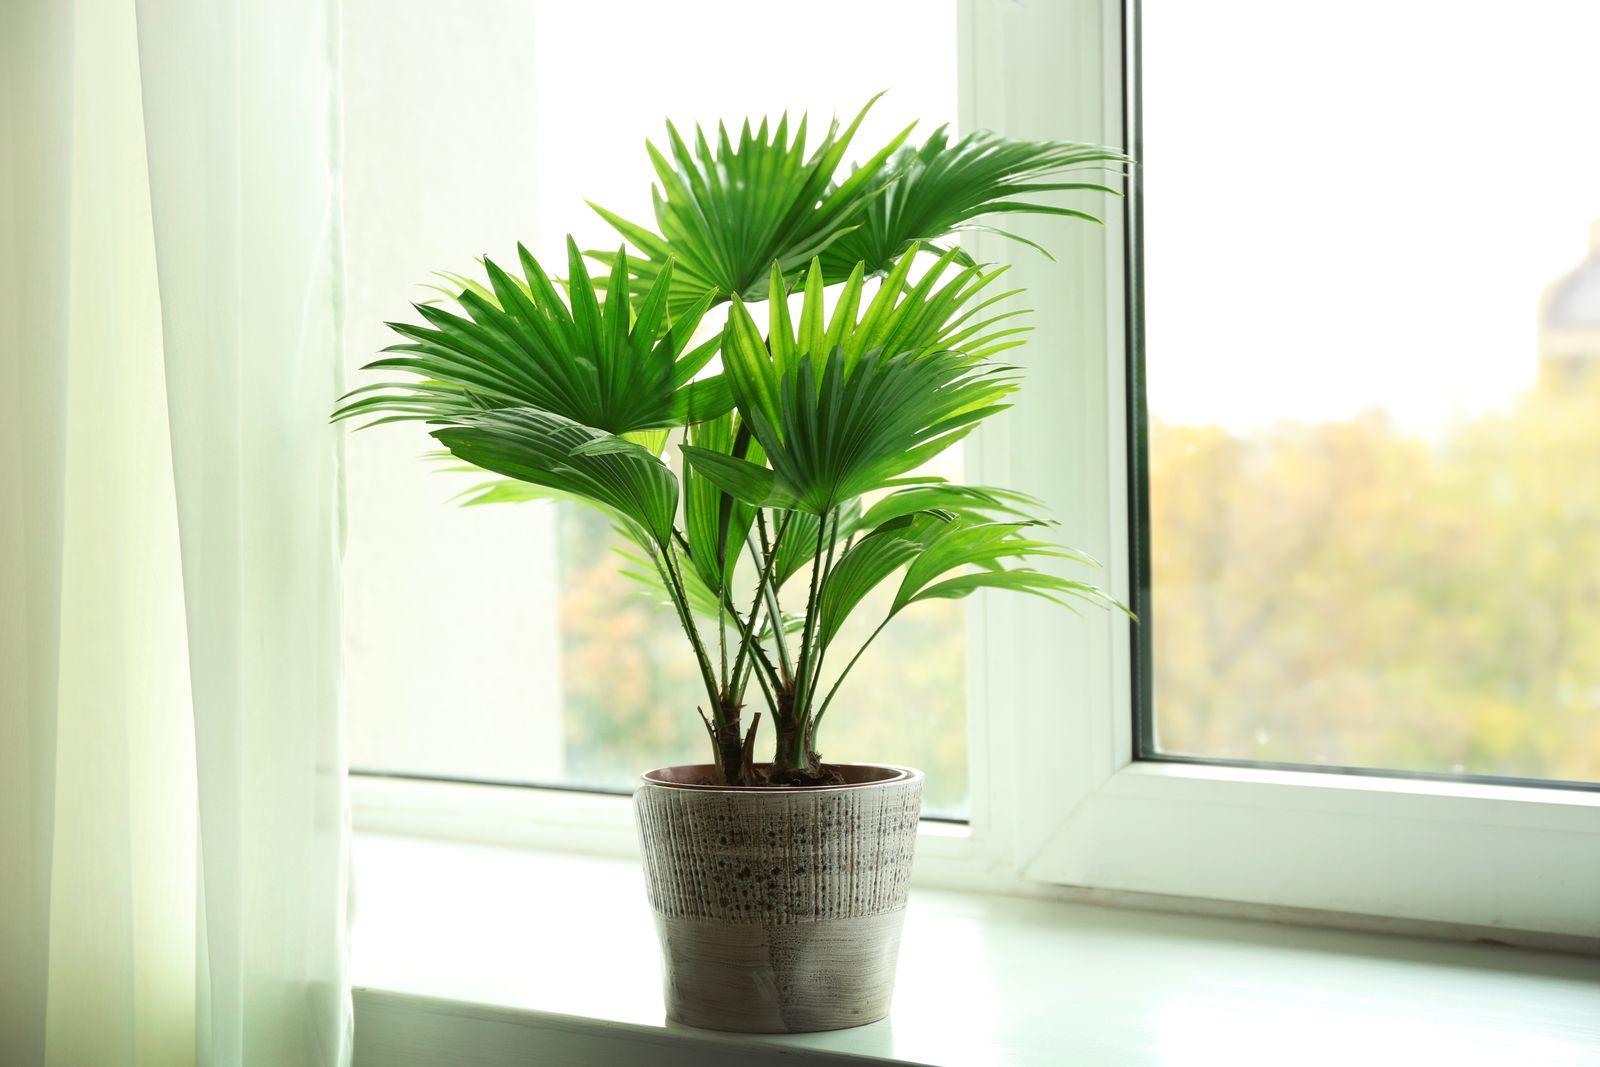 Exotische Zimmerpflanzen: 10 besondere Pflanzen für Ihr ...